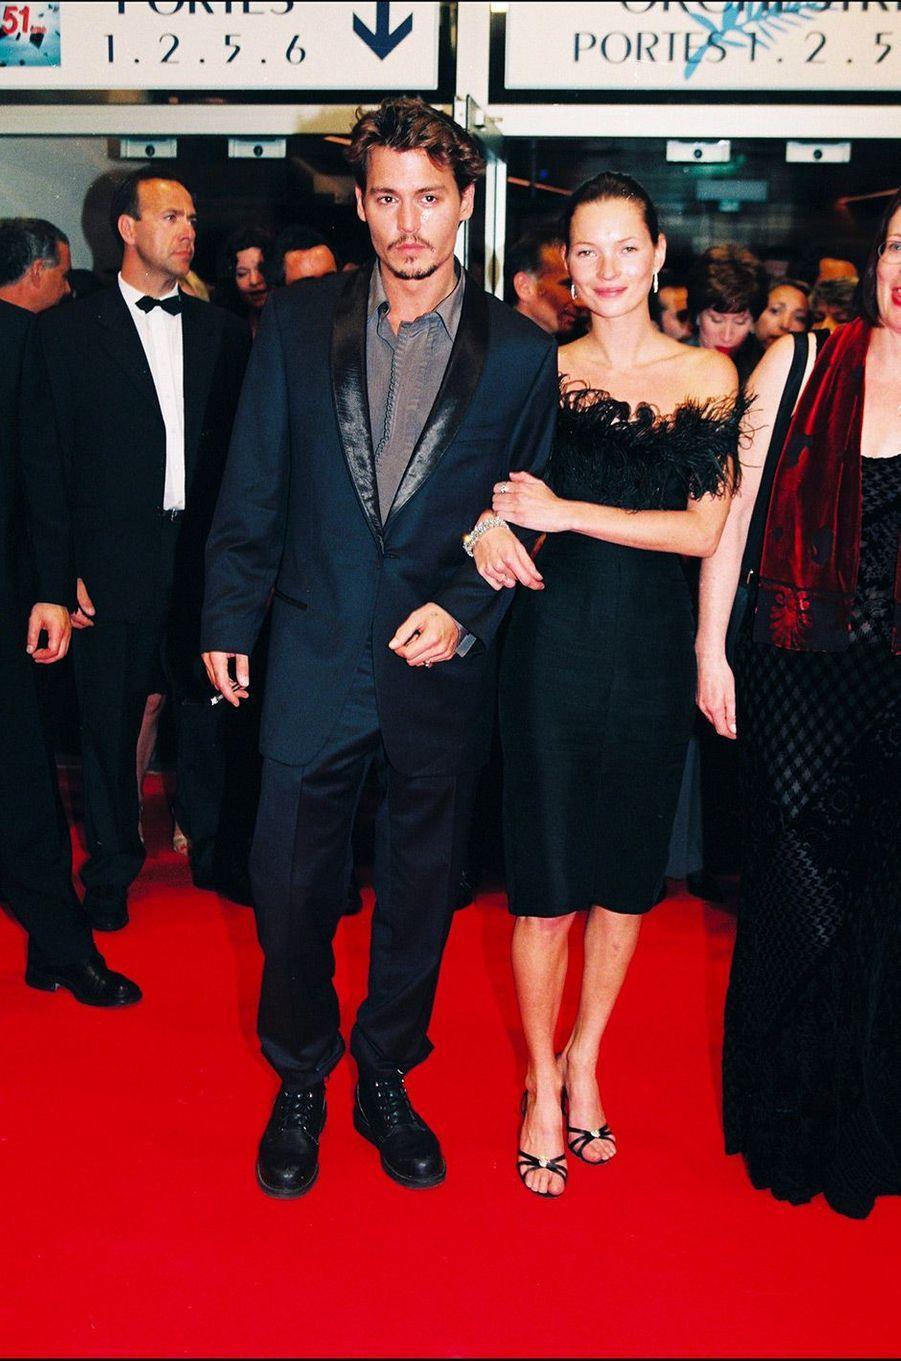 Festival de Cannes 1998: Les retrouvailles de Johnny Depp et Kate MossCouple glamour des années 90, ils s'étaient séparés l'année précédente. Pourtant, ils ont arpenté le tapis rouge main dans la main au Festival de Cannes 1998. Des retrouvailles de courte durée. En juin 1998, Johnny Depp rencontre Vanessa Paradis. On connaît la suite, la divine idylle.